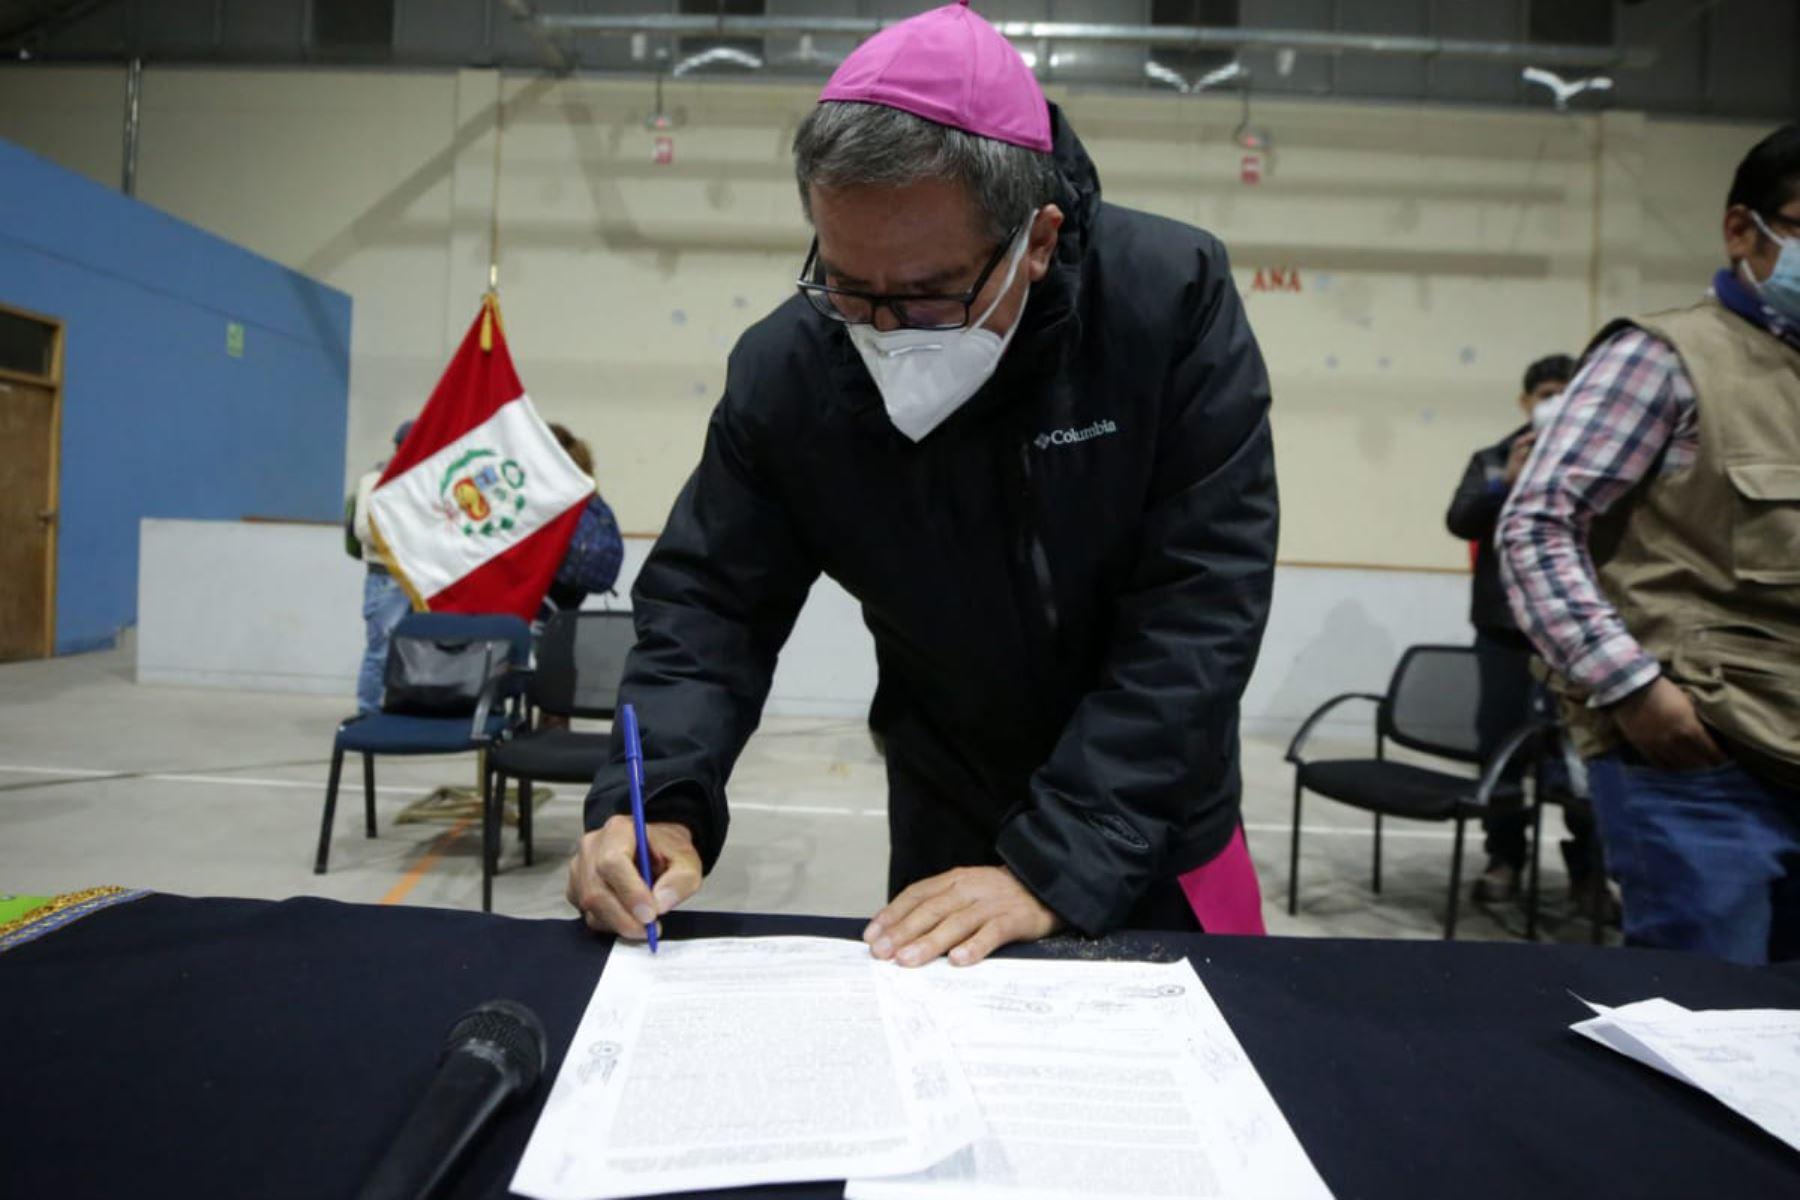 Comisión de Alto Nivel del Ejecutivo logró fomentar acuerdos entre la compañía minera Antapaccay y las autoridades locales de la provincia de Espinar y las organizaciones civiles, con la mediación de monseñor Pedro Bustamante, obispo de Sicuani. Foto: PCM